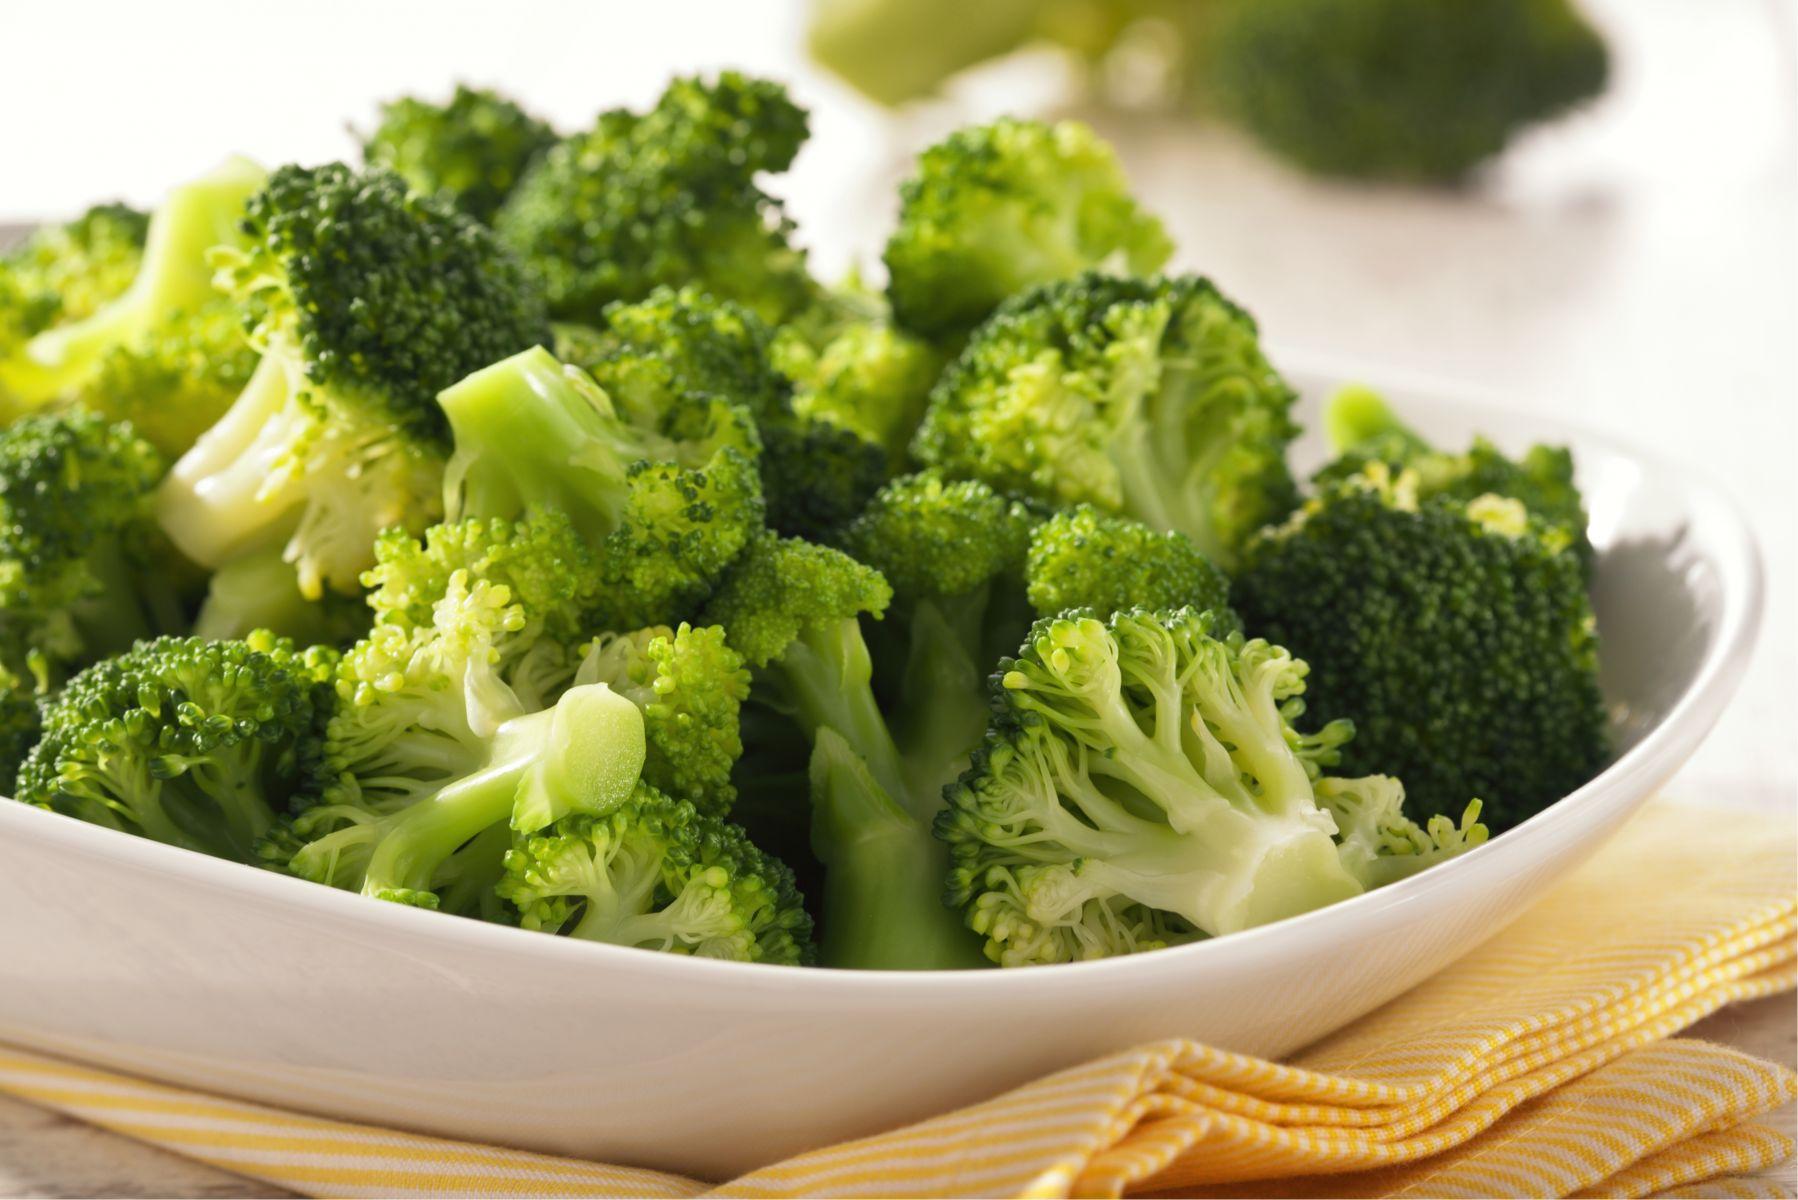 醫師也推薦!日本百位名醫票選最健康食物,這5種竟贏了綠花椰菜